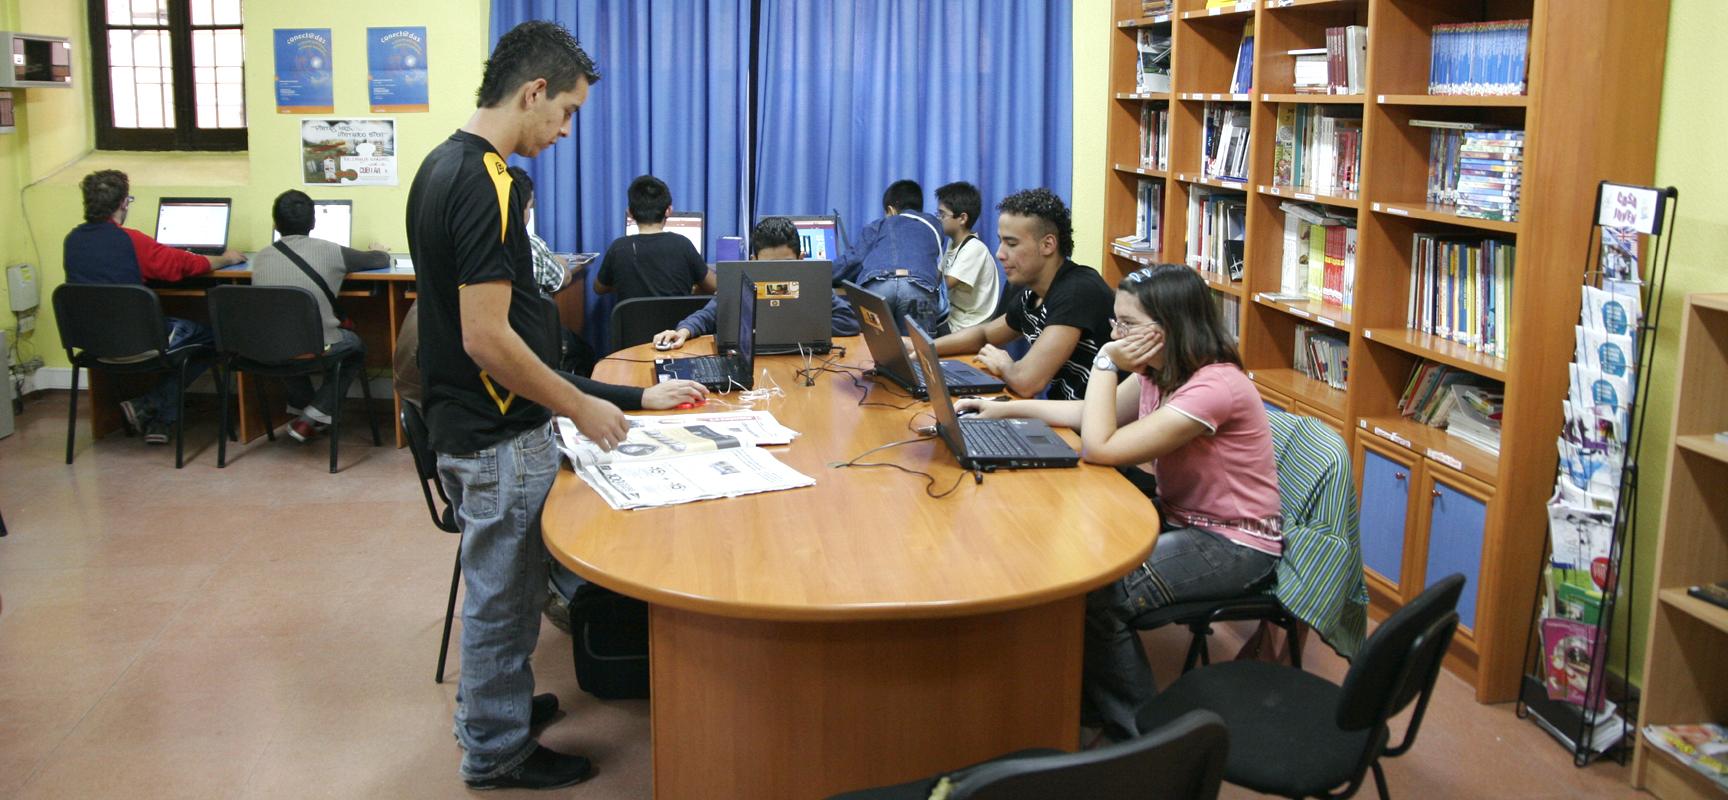 Entre las actividades se impartirán cursos de informática para niños.